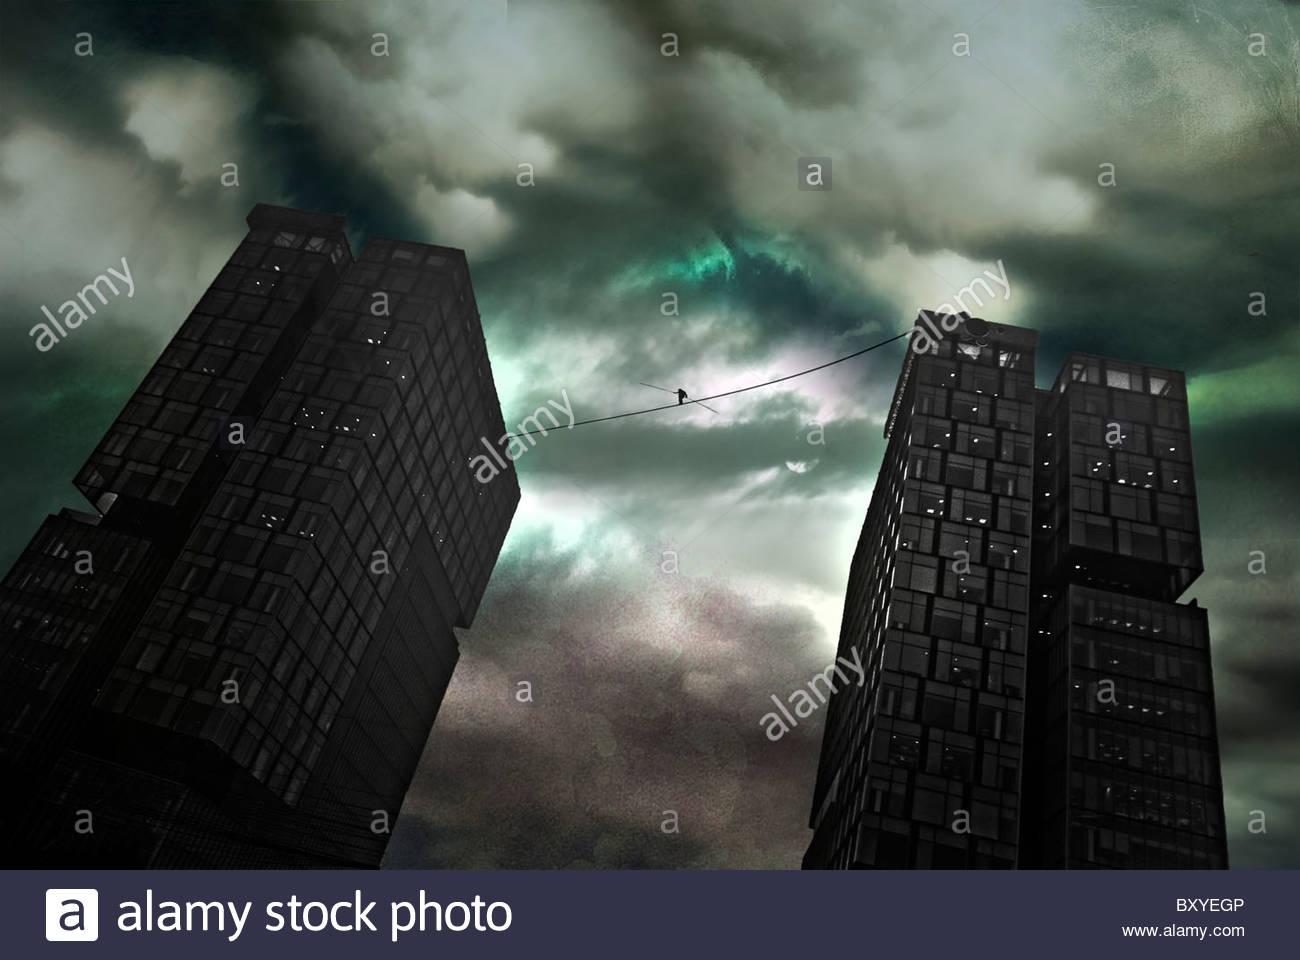 Una figura caminando sobre una cuerda floja entre dos edificios de oficinas de gran tamaño bajo un cielo tormentoso Imagen De Stock